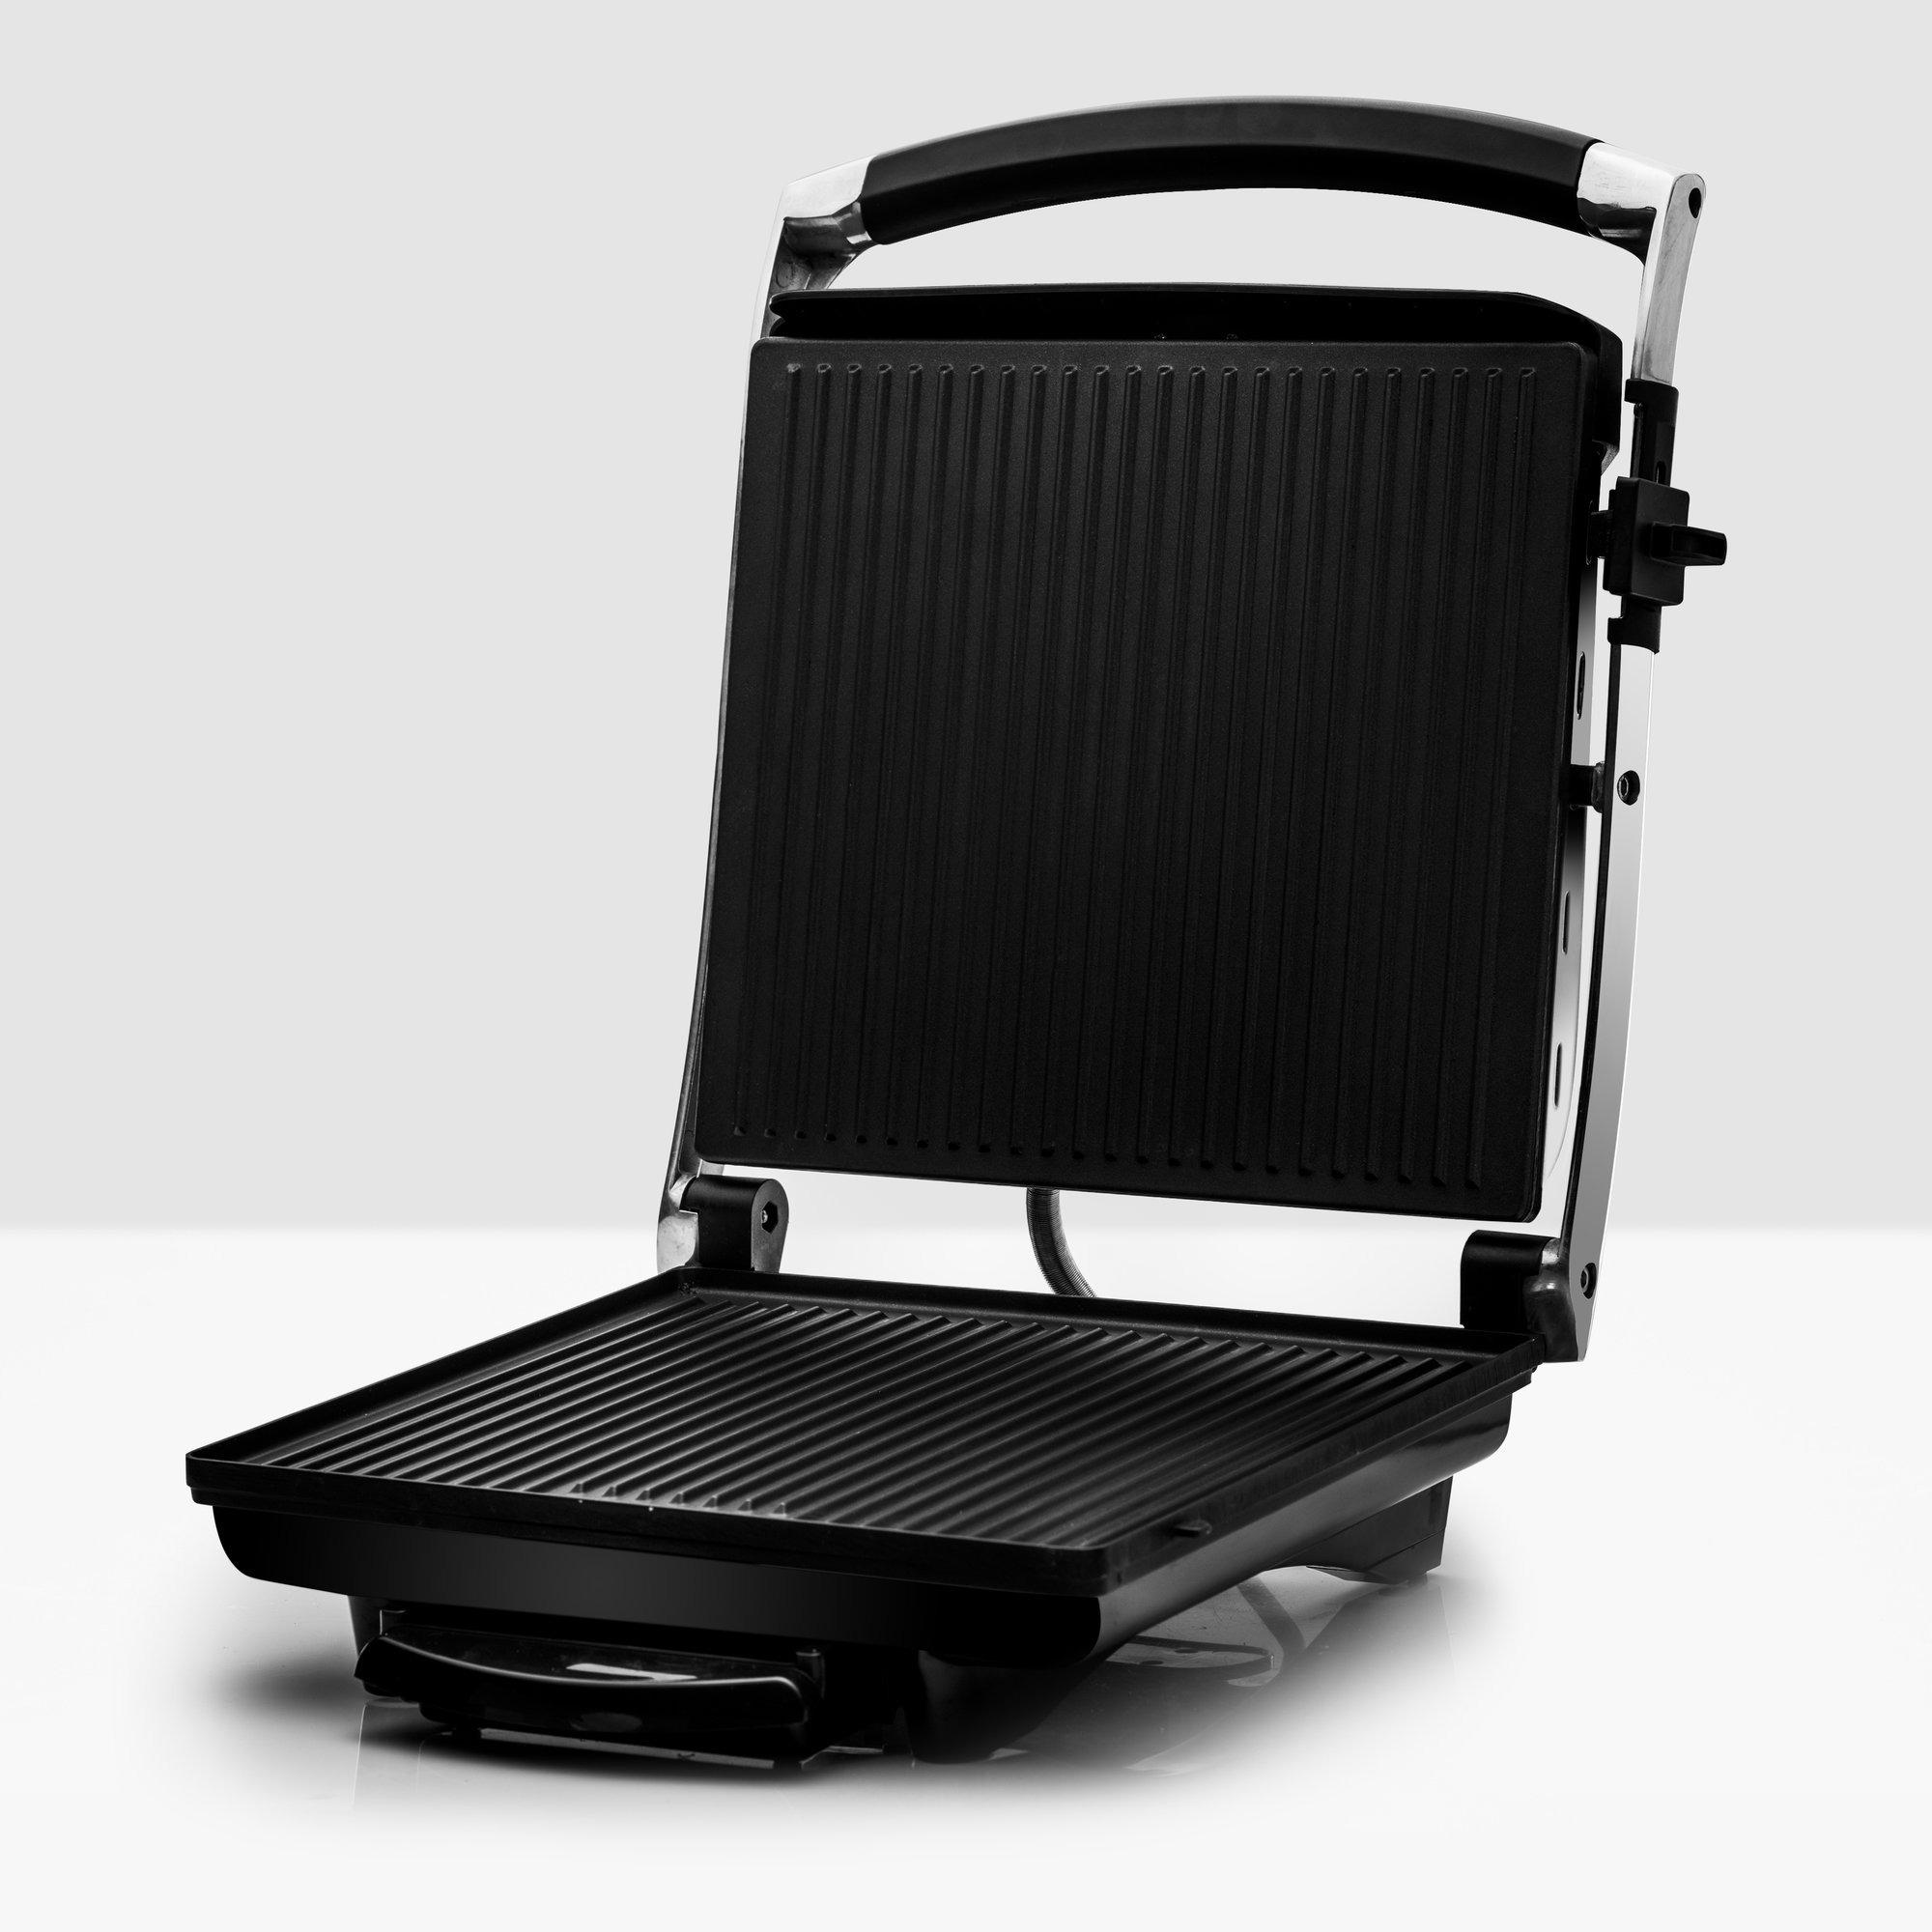 Easy Grill kontakt-grill fra OBH » Lett å gjøre ren